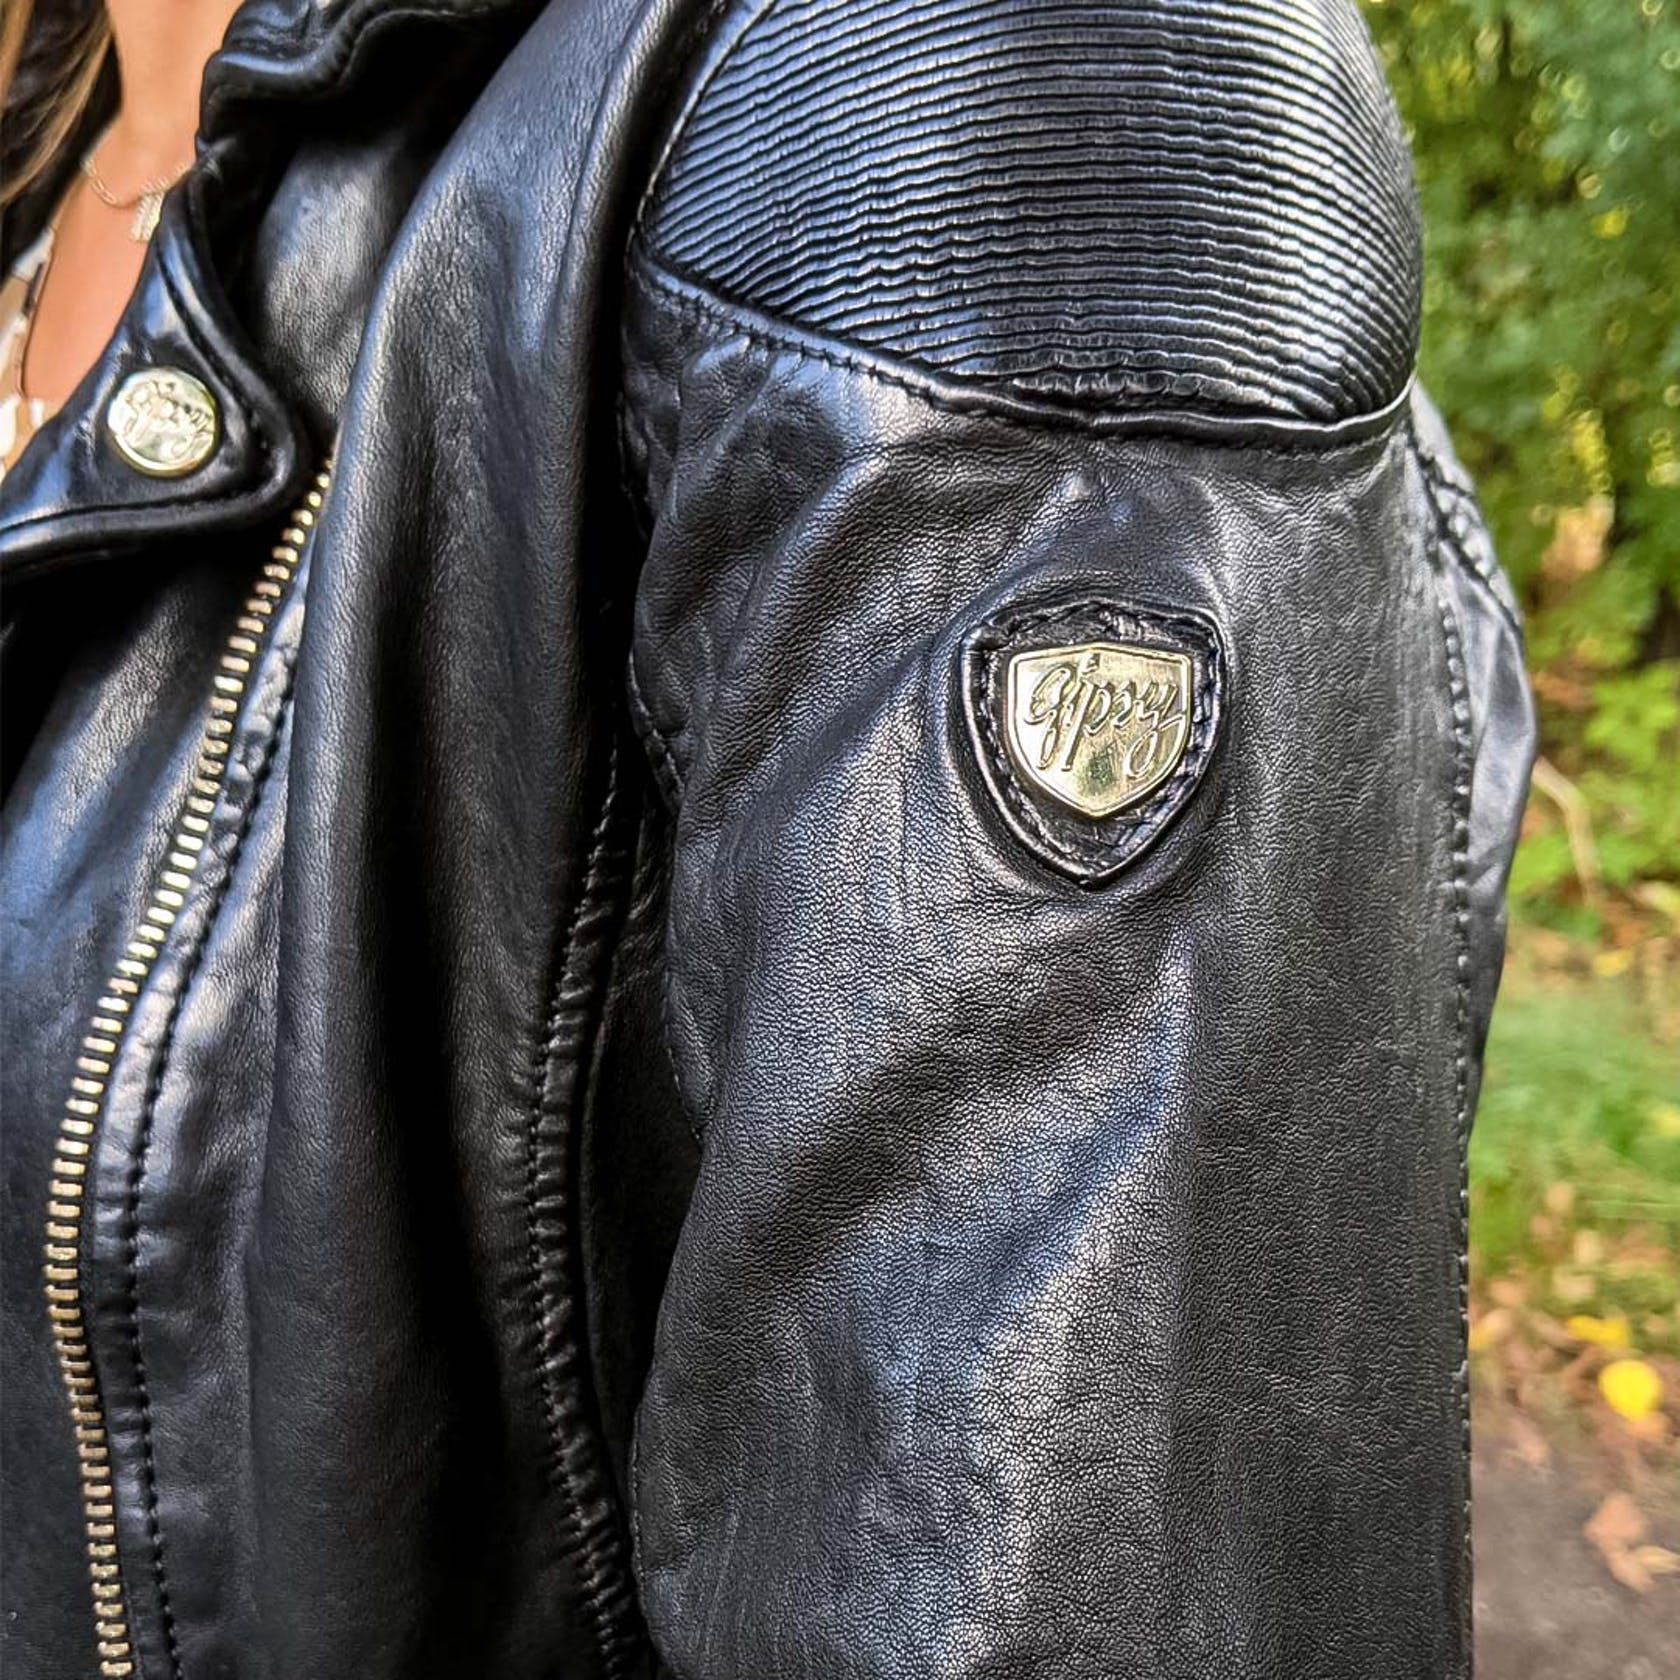 Detailaufnahme von einer Lederjacke